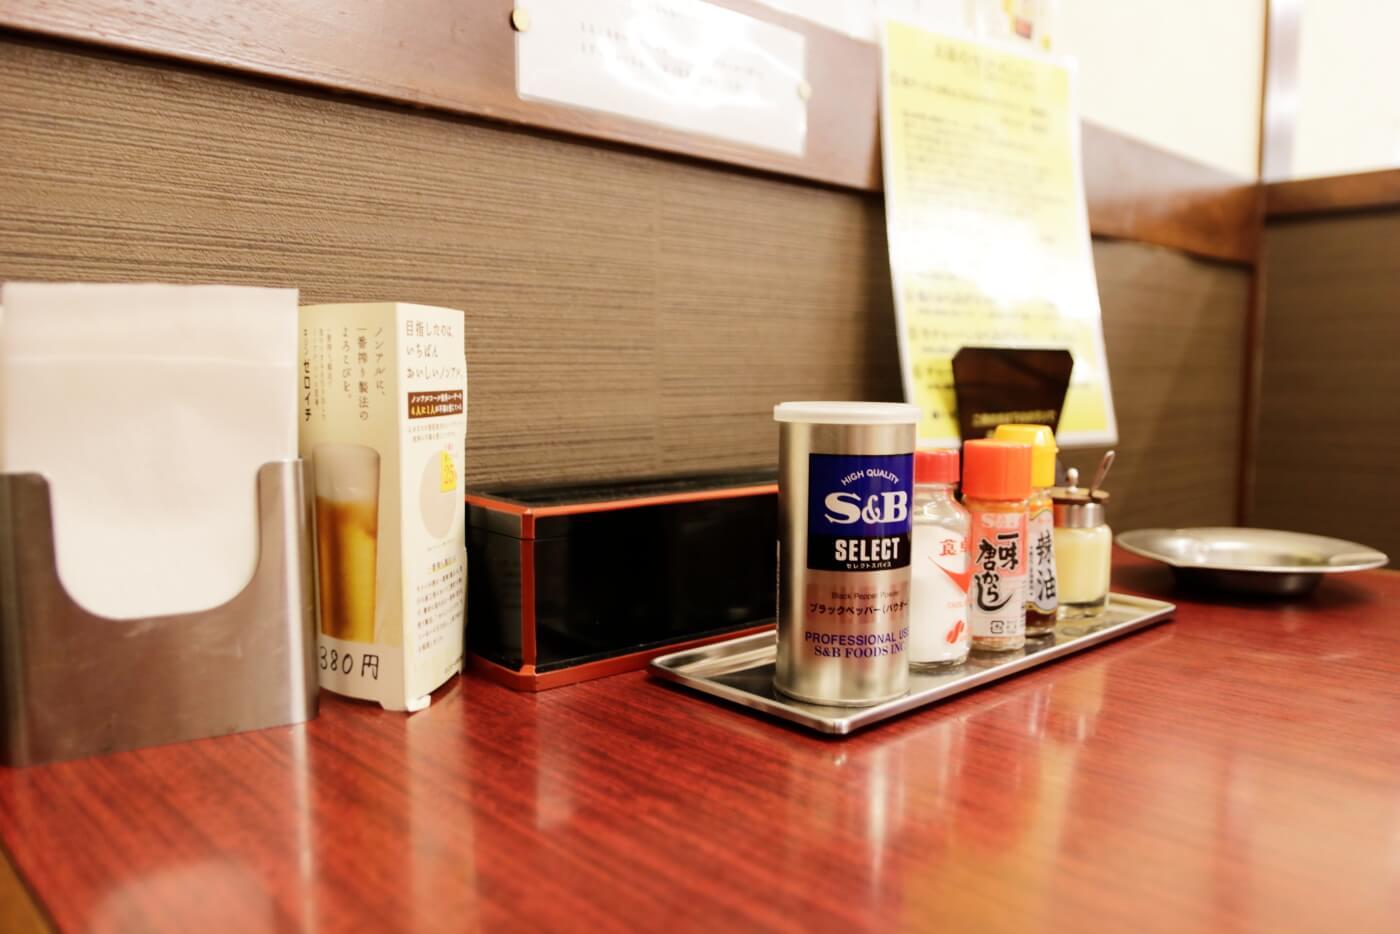 高知市にあるラーメン屋さん鈴木食堂の店内